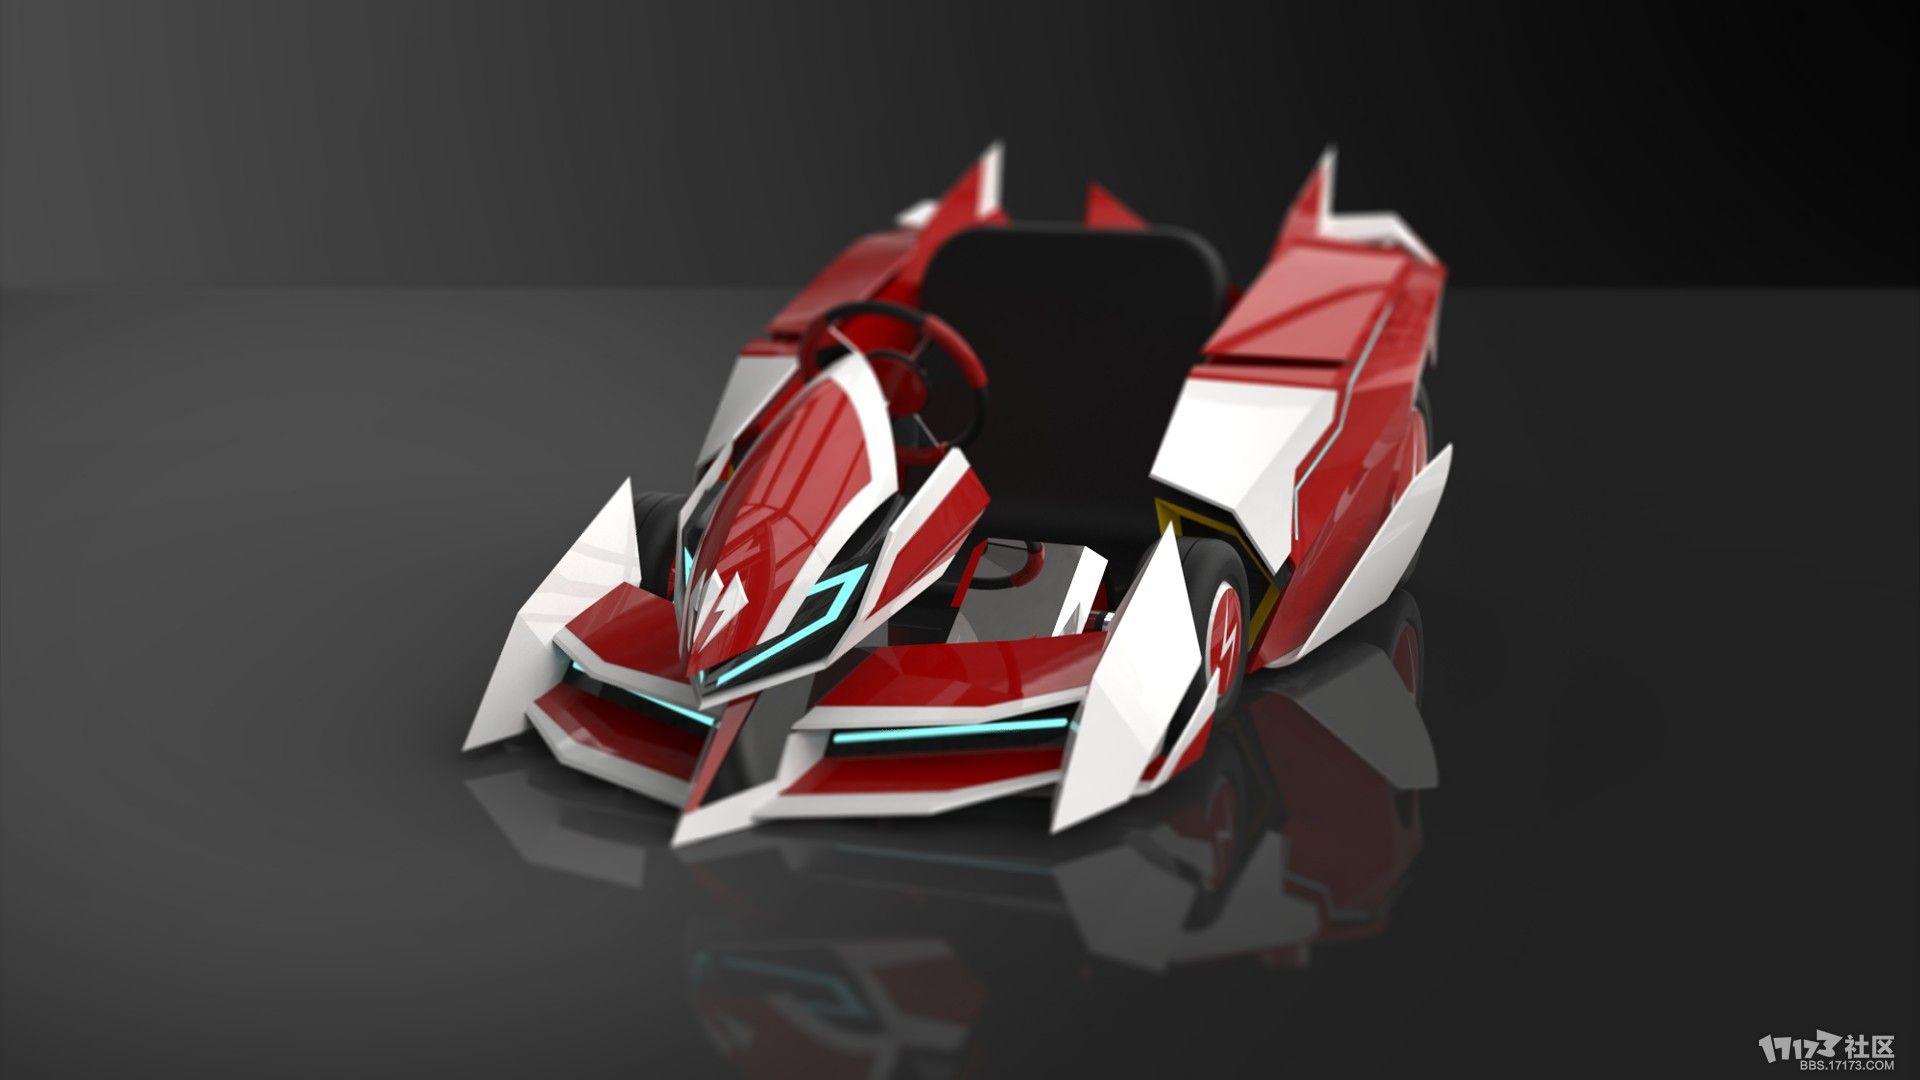 카트 No 1 카페 커뮤니티 카트라이더 레이싱 경주 게임 자동차 차 Car Nexon Kartrider Game Kart Popkart Tiancity F1 Racing Speed Sports Driving Kartrider Popkart 자동차 갤러리 카트